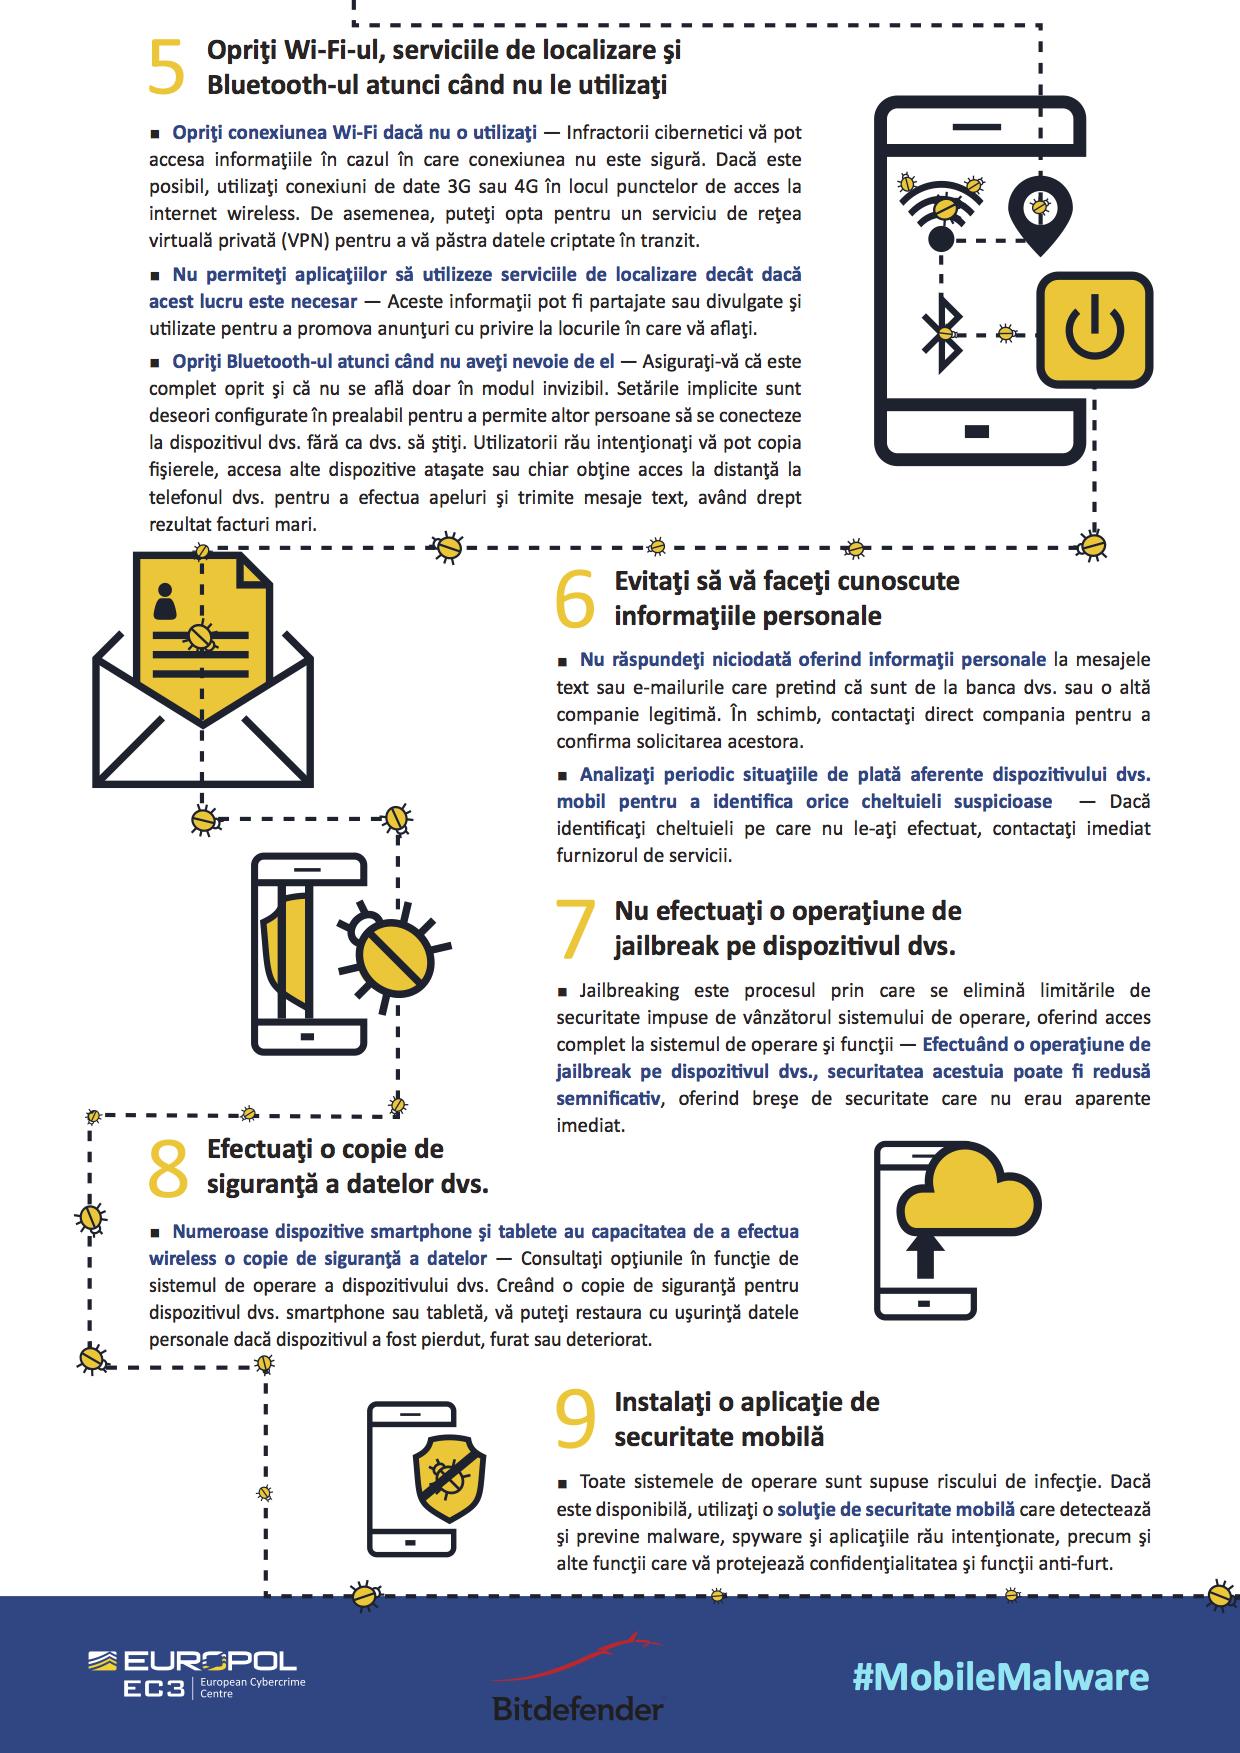 infosheet-malware-bitdefender-2